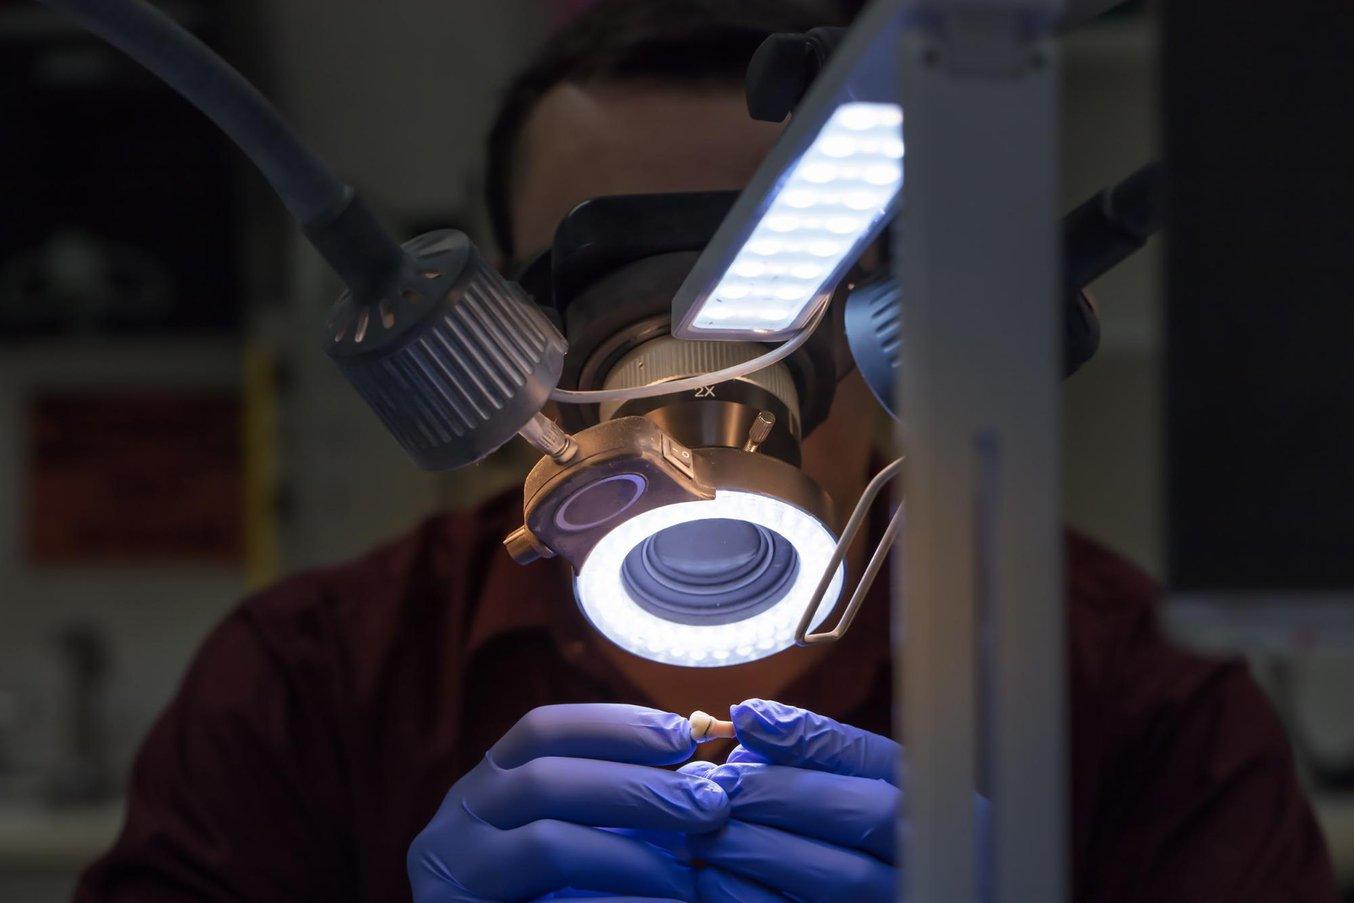 Съемные мастер-модели, созданные на 3D-принтере, аналогичны традиционным моделям, используемым для проверки окончательной реконструкции.